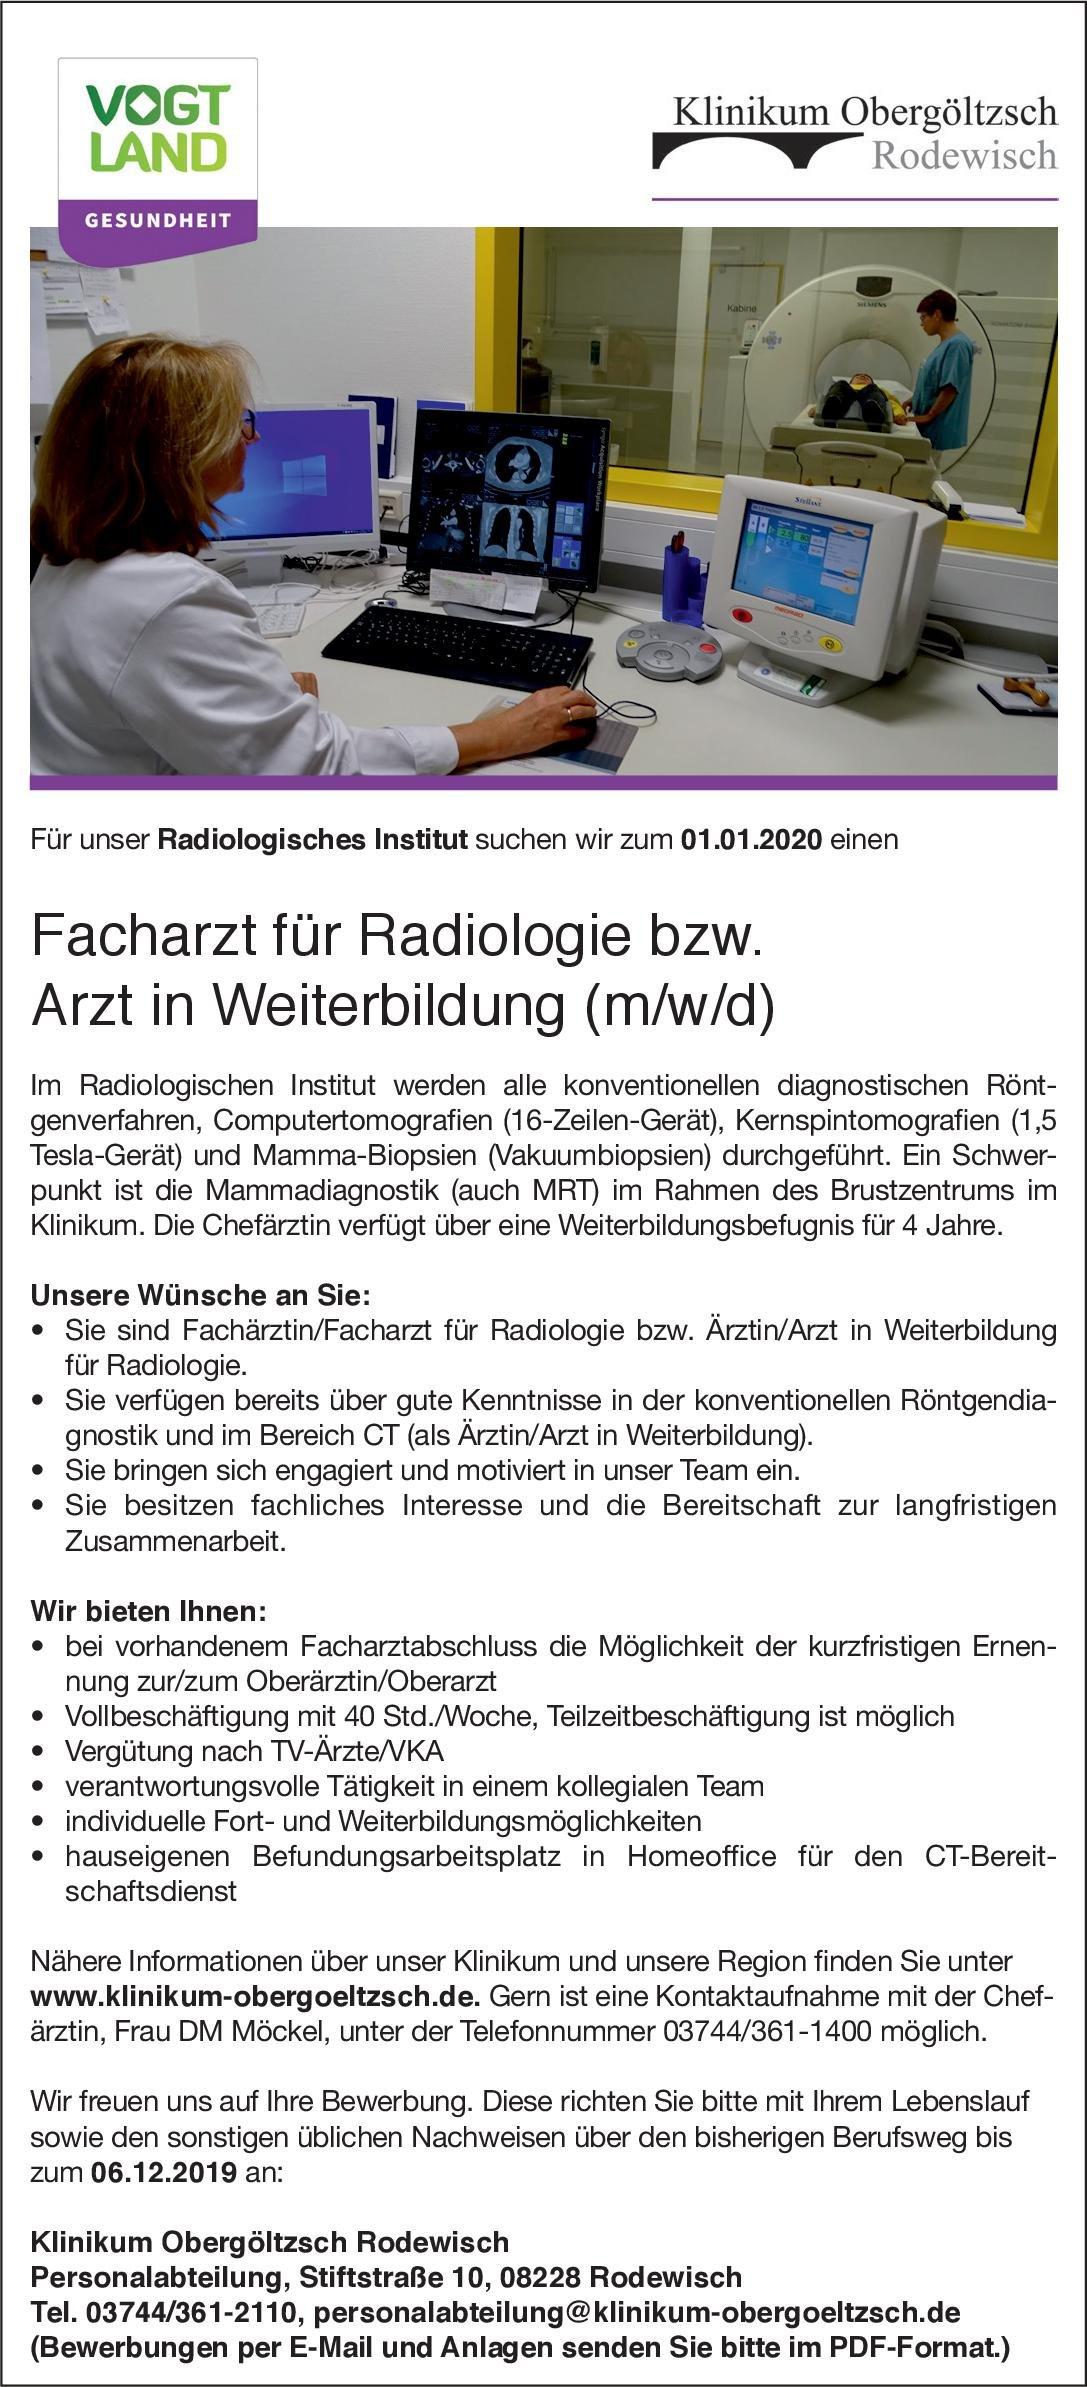 Klinikum Obergöltzsch Rodewisch Facharzt für Radiologie bzw. Arzt in Weiterbildung (m/w/d)  Radiologie, Radiologie Arzt / Facharzt, Assistenzarzt / Arzt in Weiterbildung